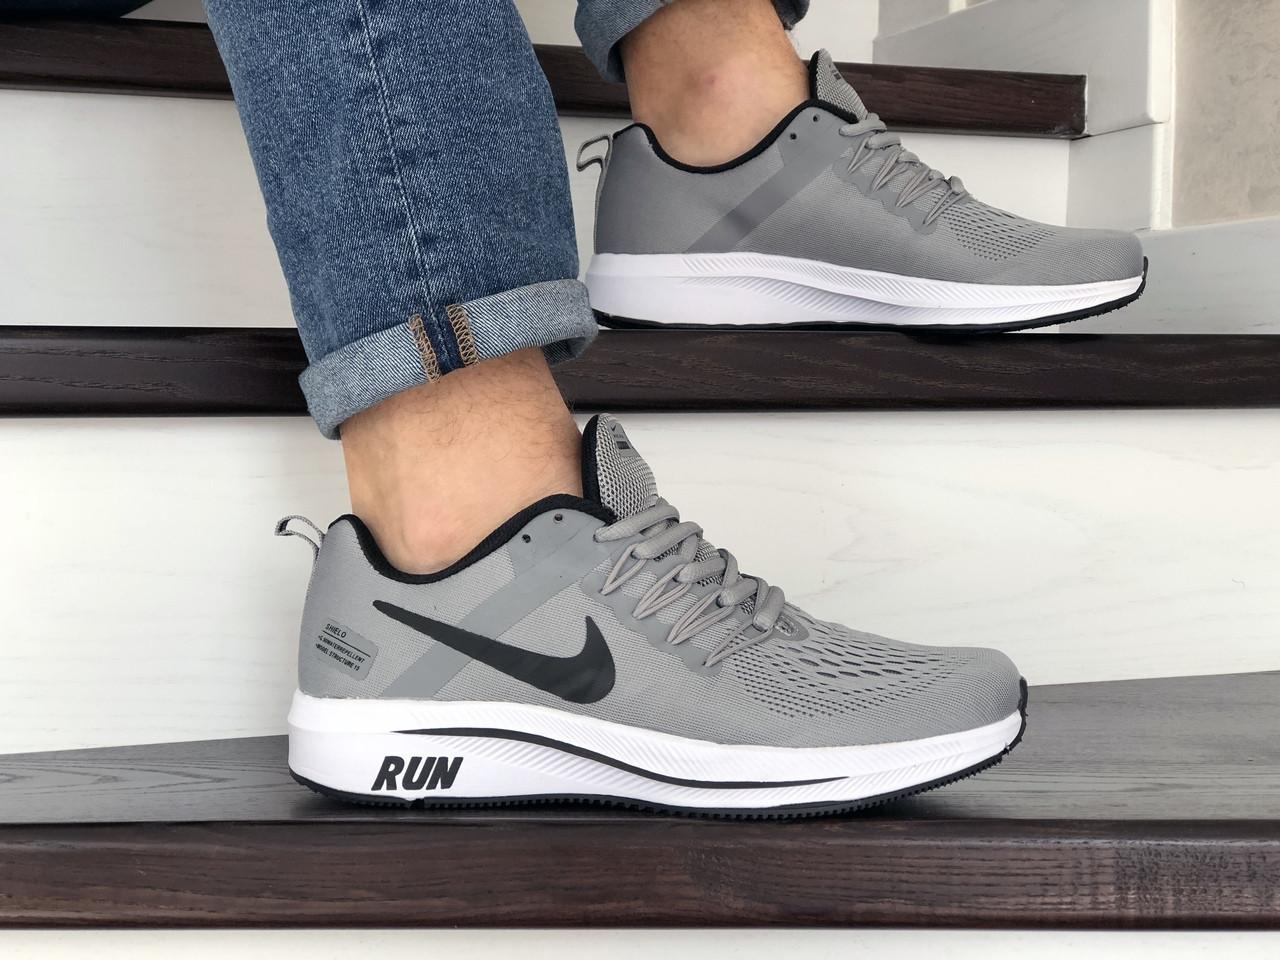 Мужские текстильные кроссовки Nike Run shield,серые